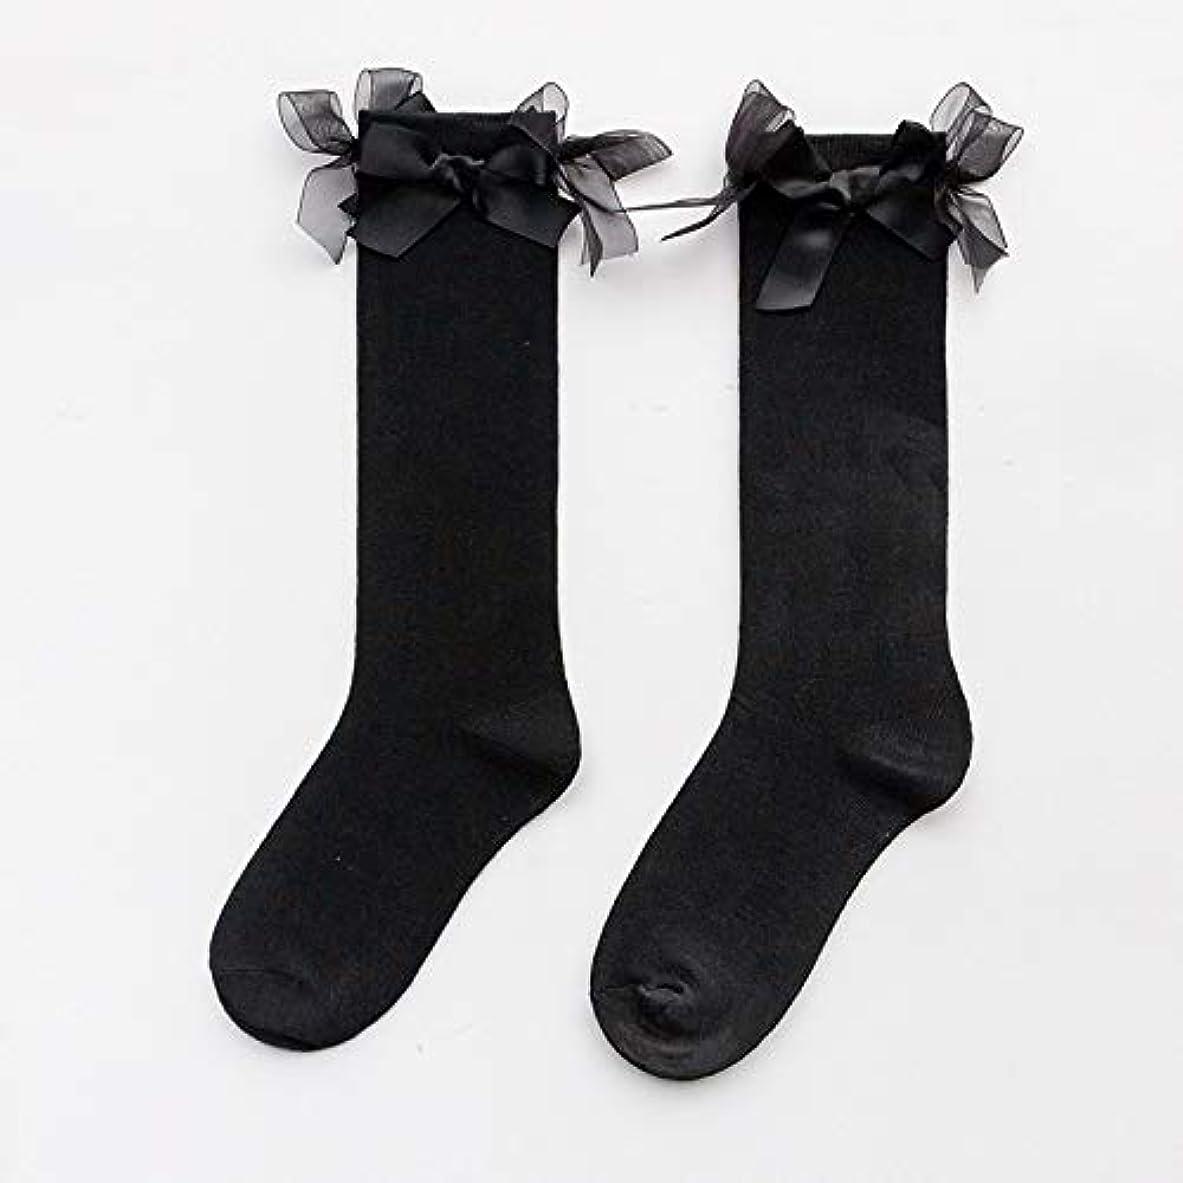 ブランド名改修計画日本の女の子弓綿の靴下ソックスjk大学風韓国原宿野生の基本的な学生パイルパイルソックス女性